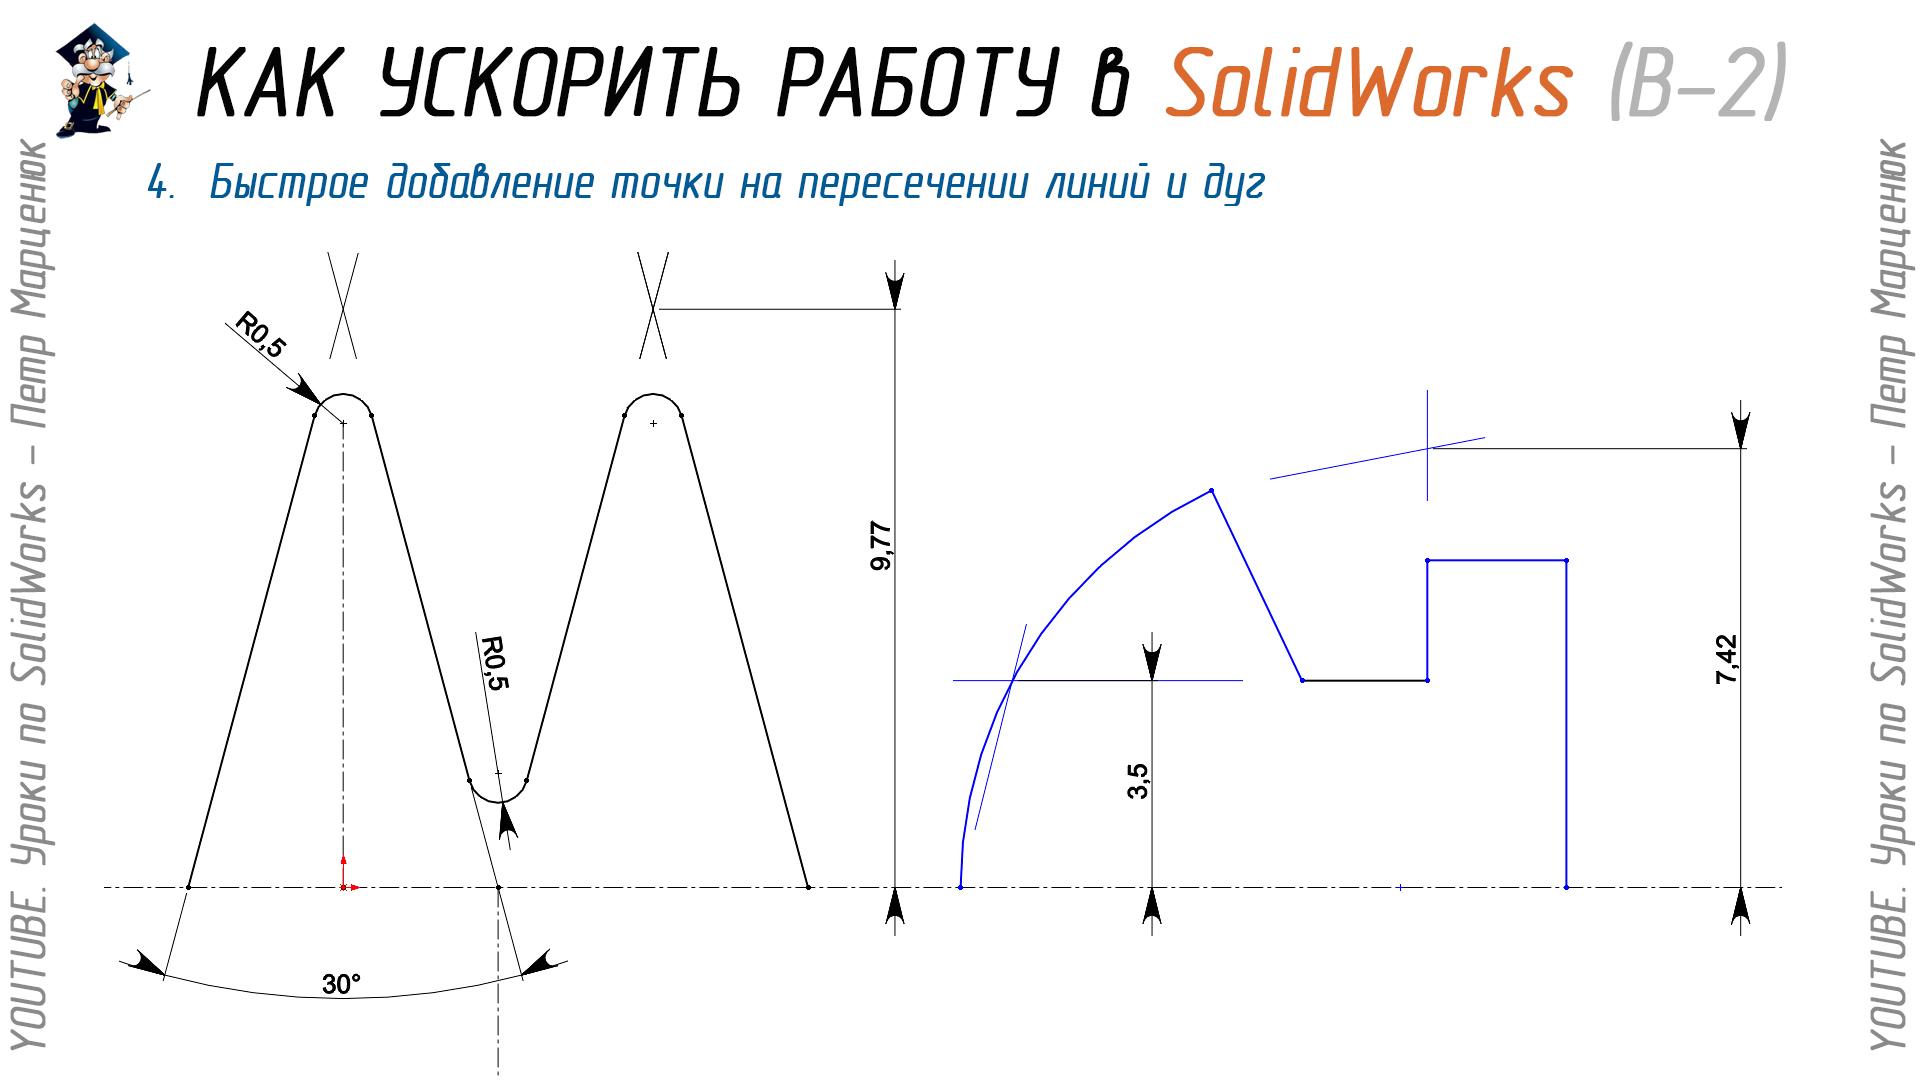 Быстрое добавление точки на пересечении линий и дуг